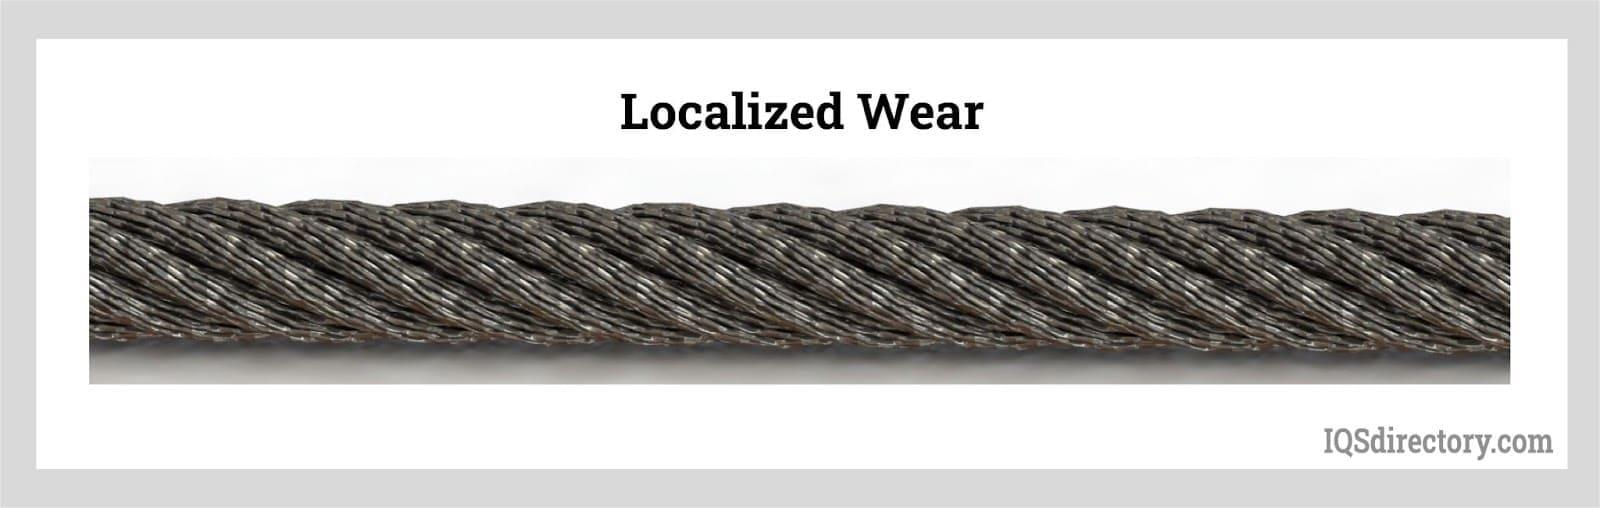 Localized Wear